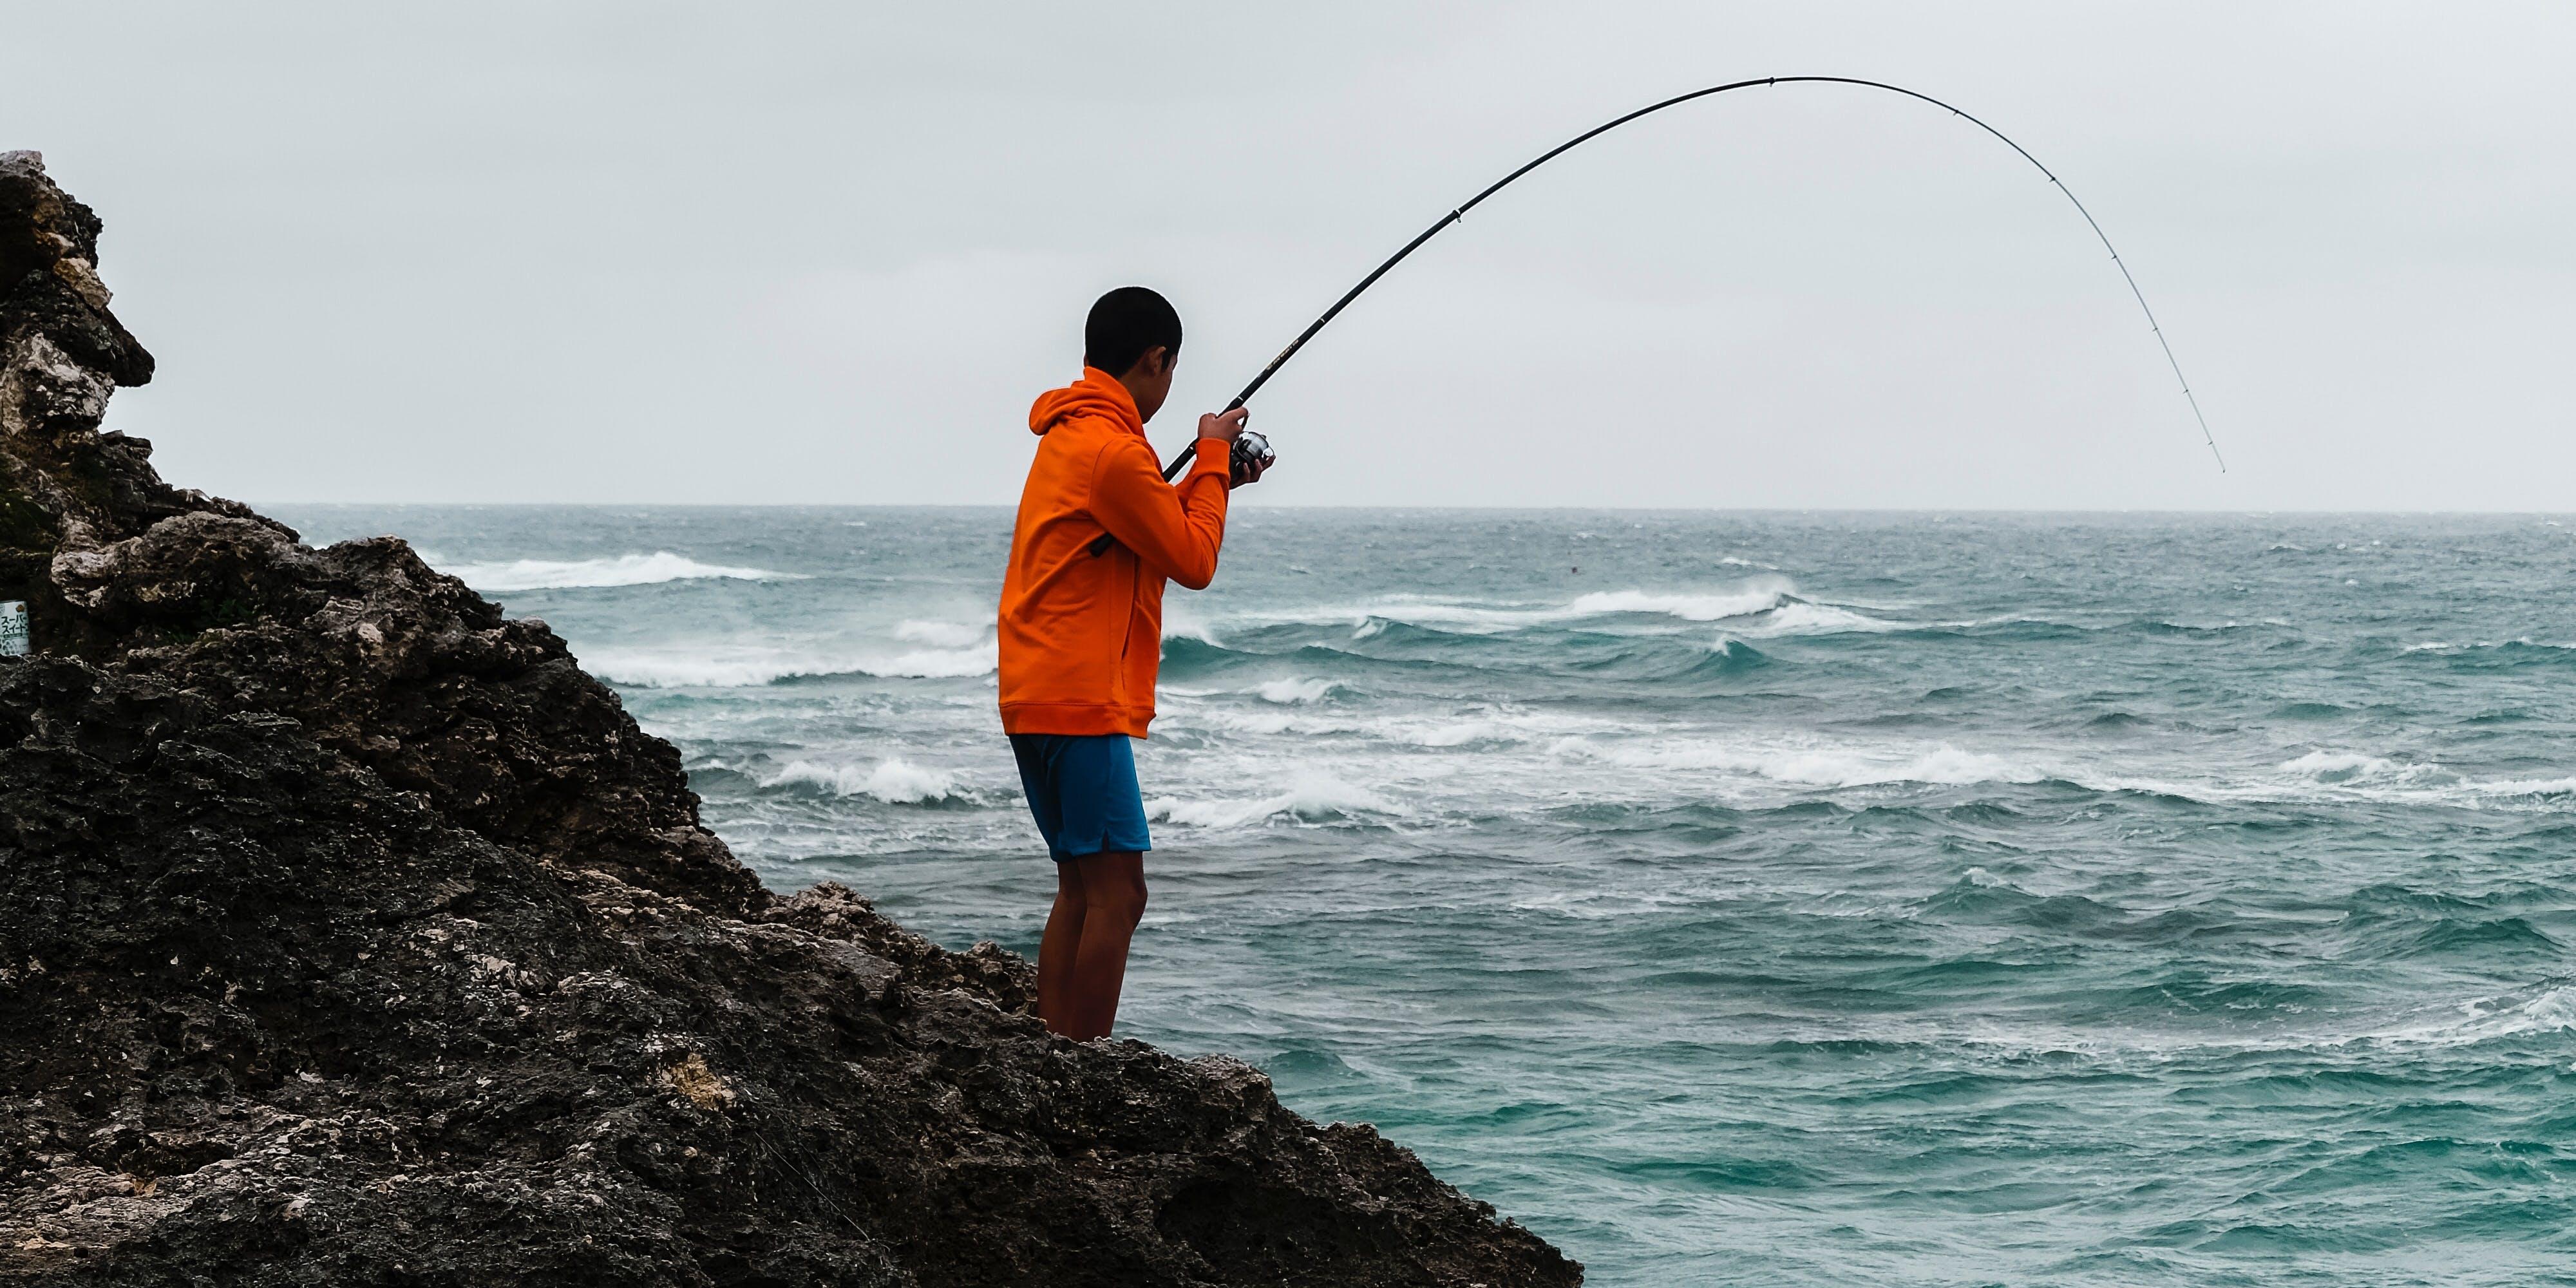 La pêche est le loisir idéal pour se changer les idées au grand air